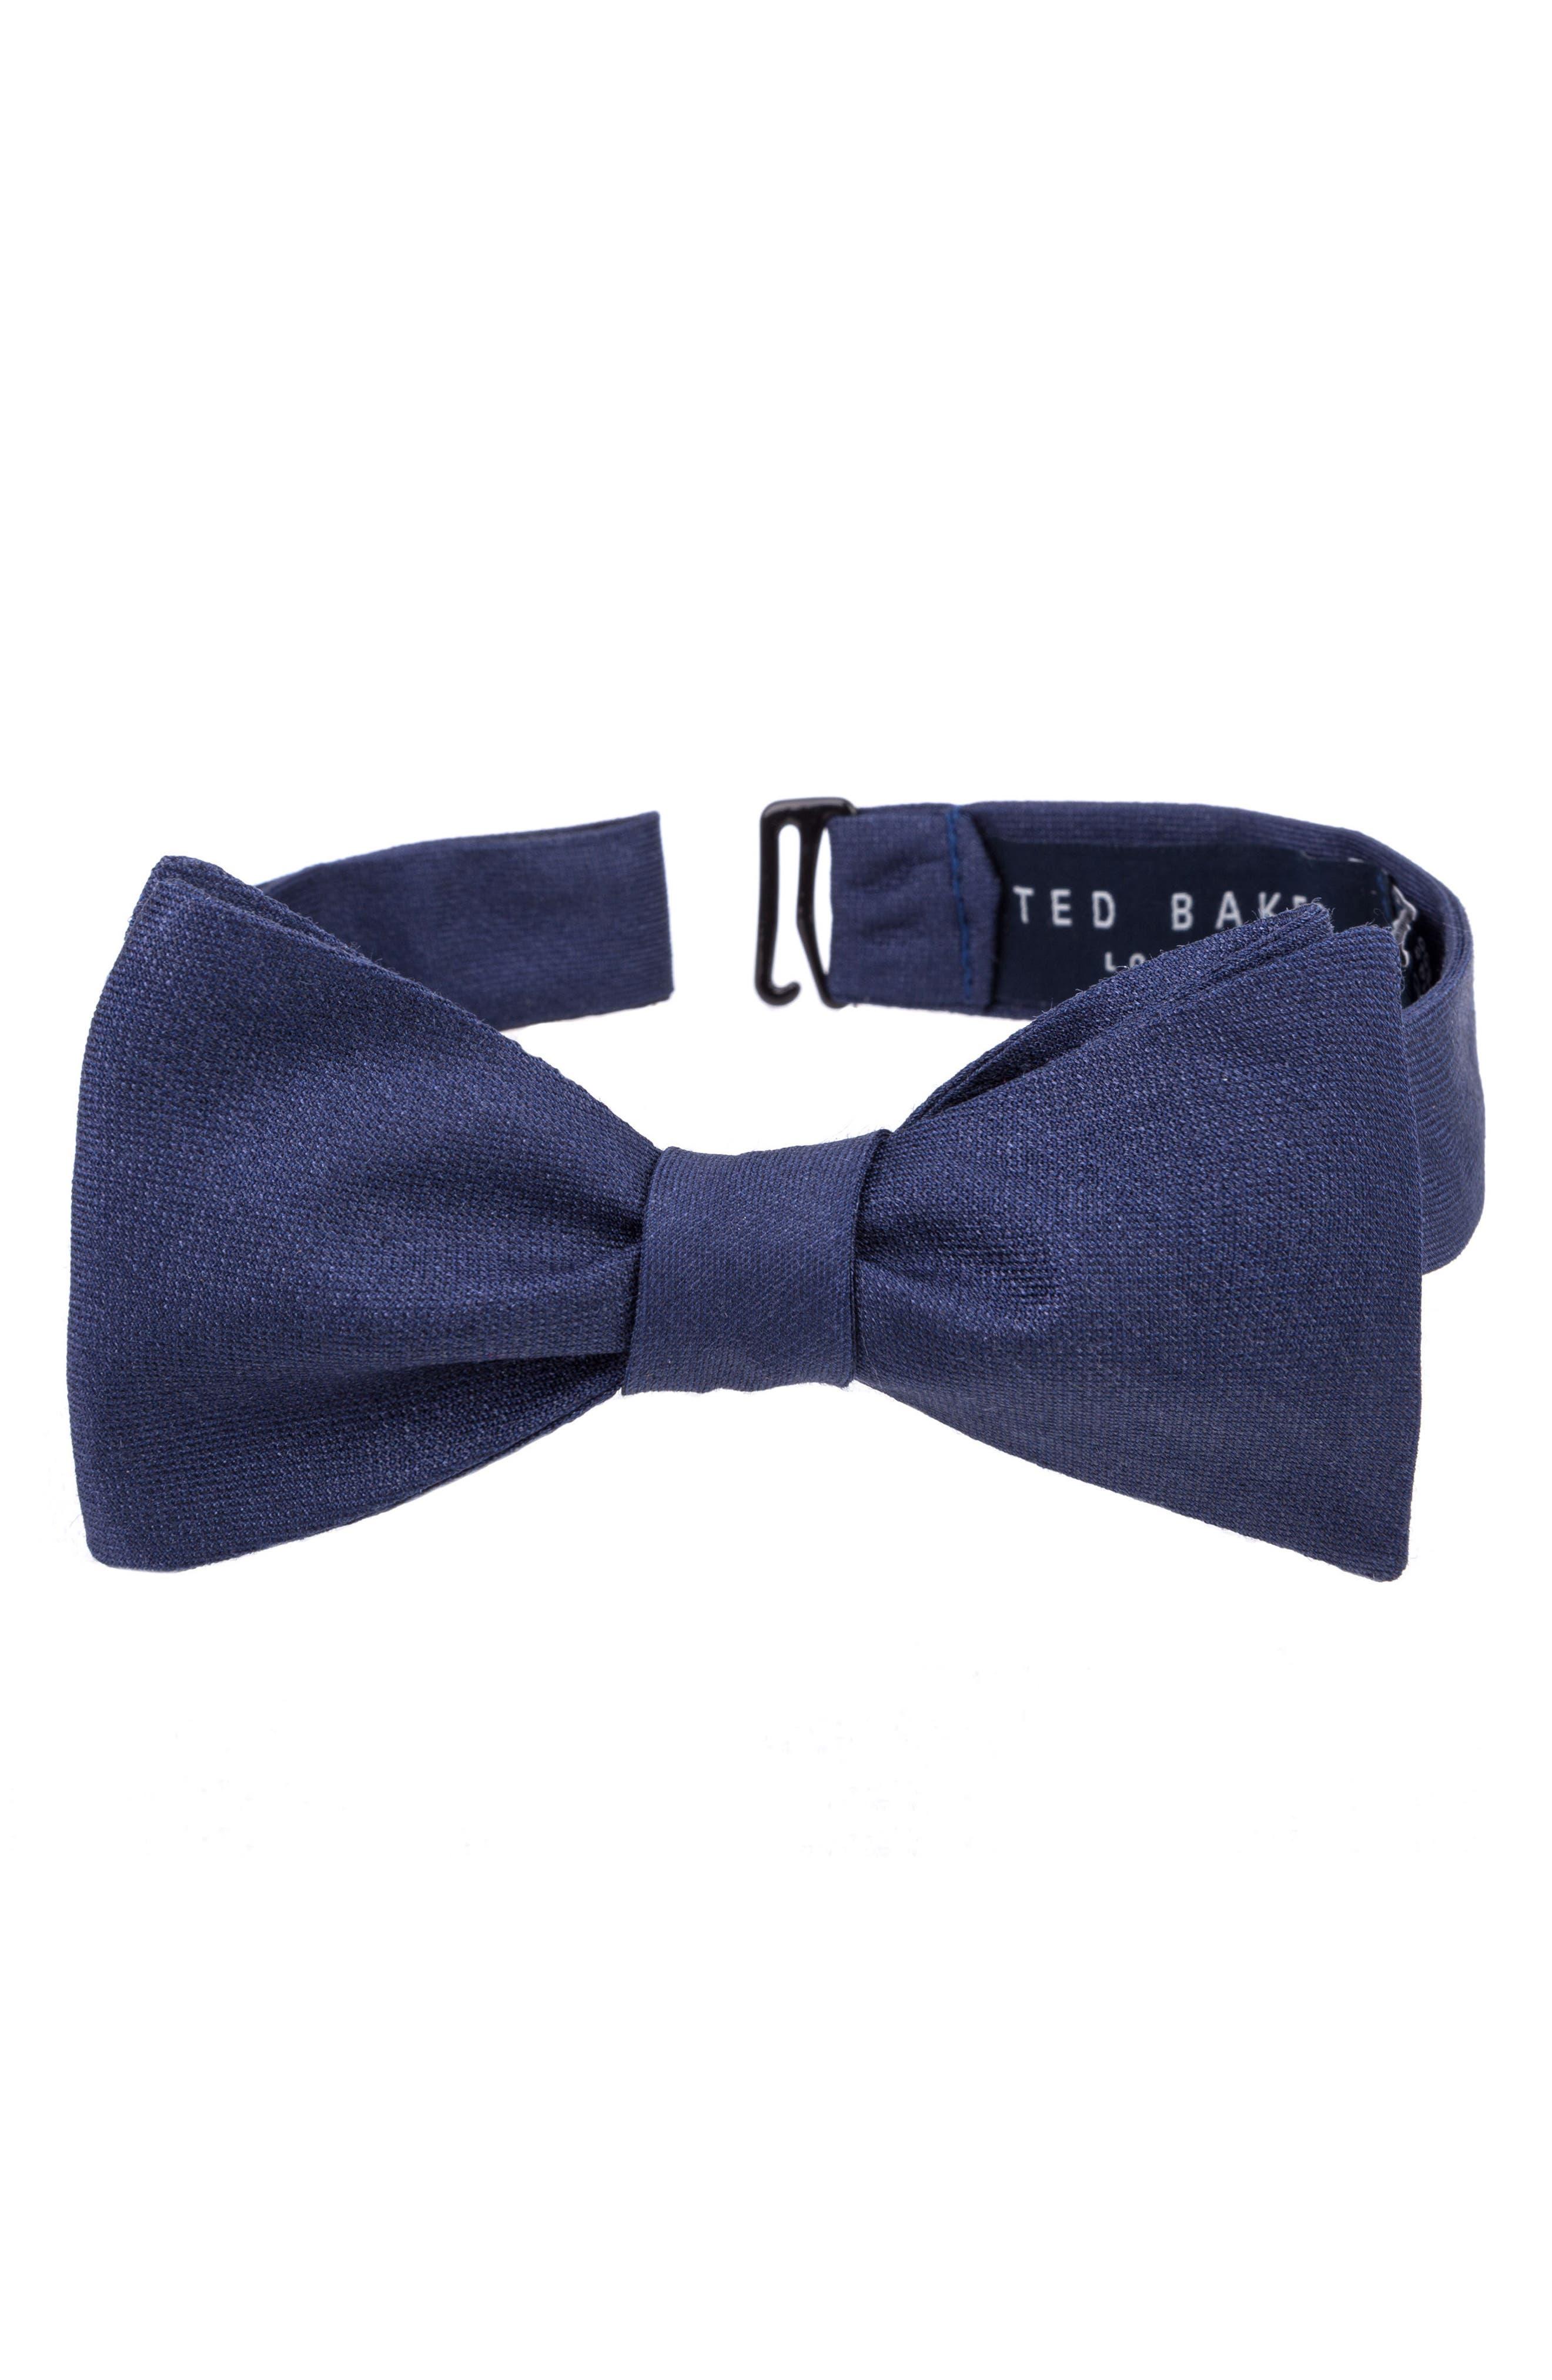 Indigo Wardrobe Silk Bow Tie,                             Main thumbnail 1, color,                             Indigo